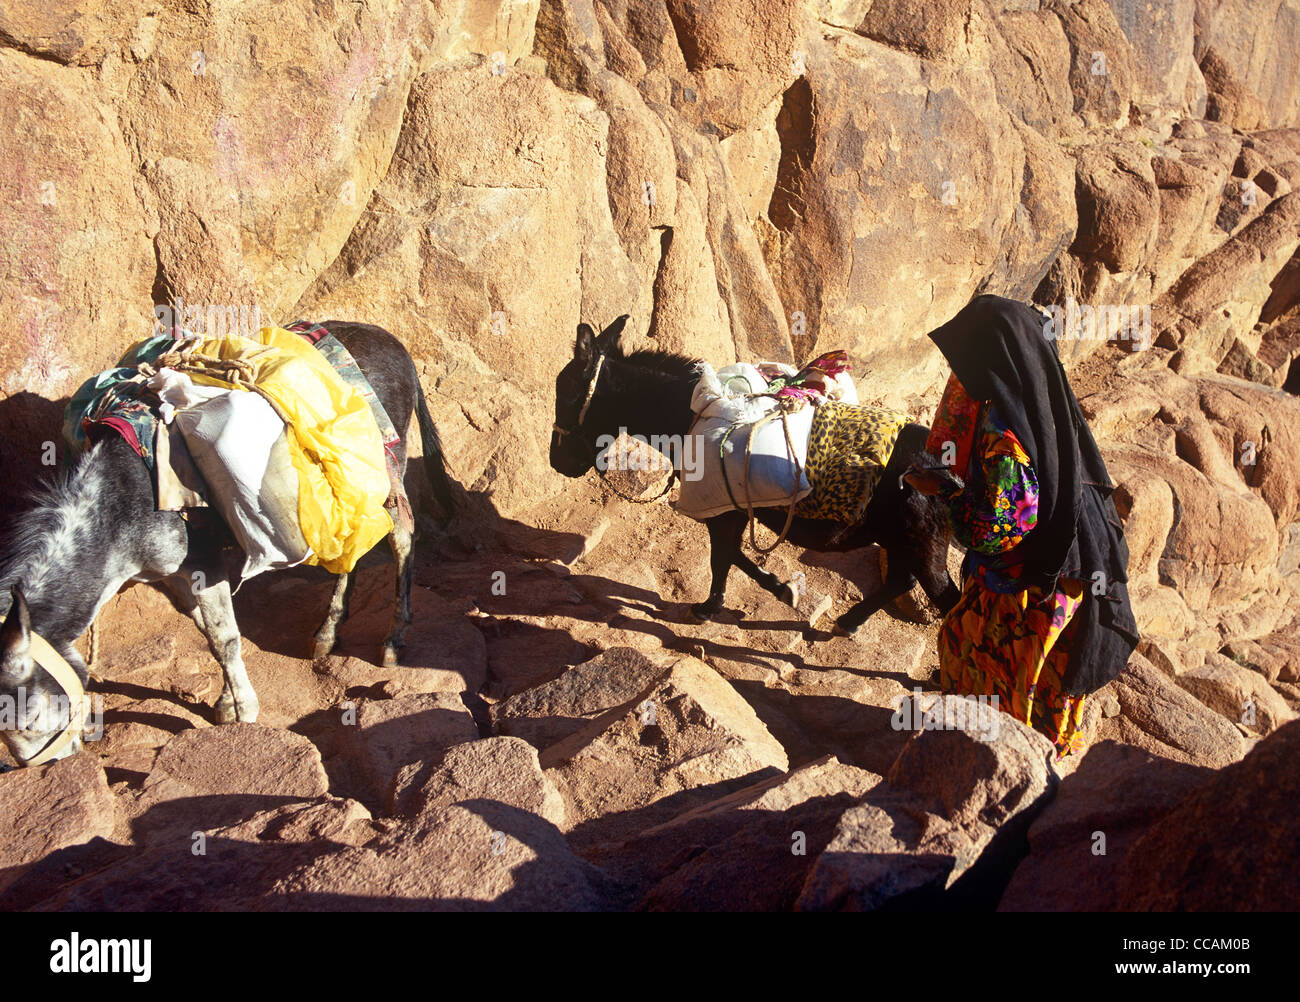 Beduin Woman With Donkey Mount Sinai Egypt, - Stock Image